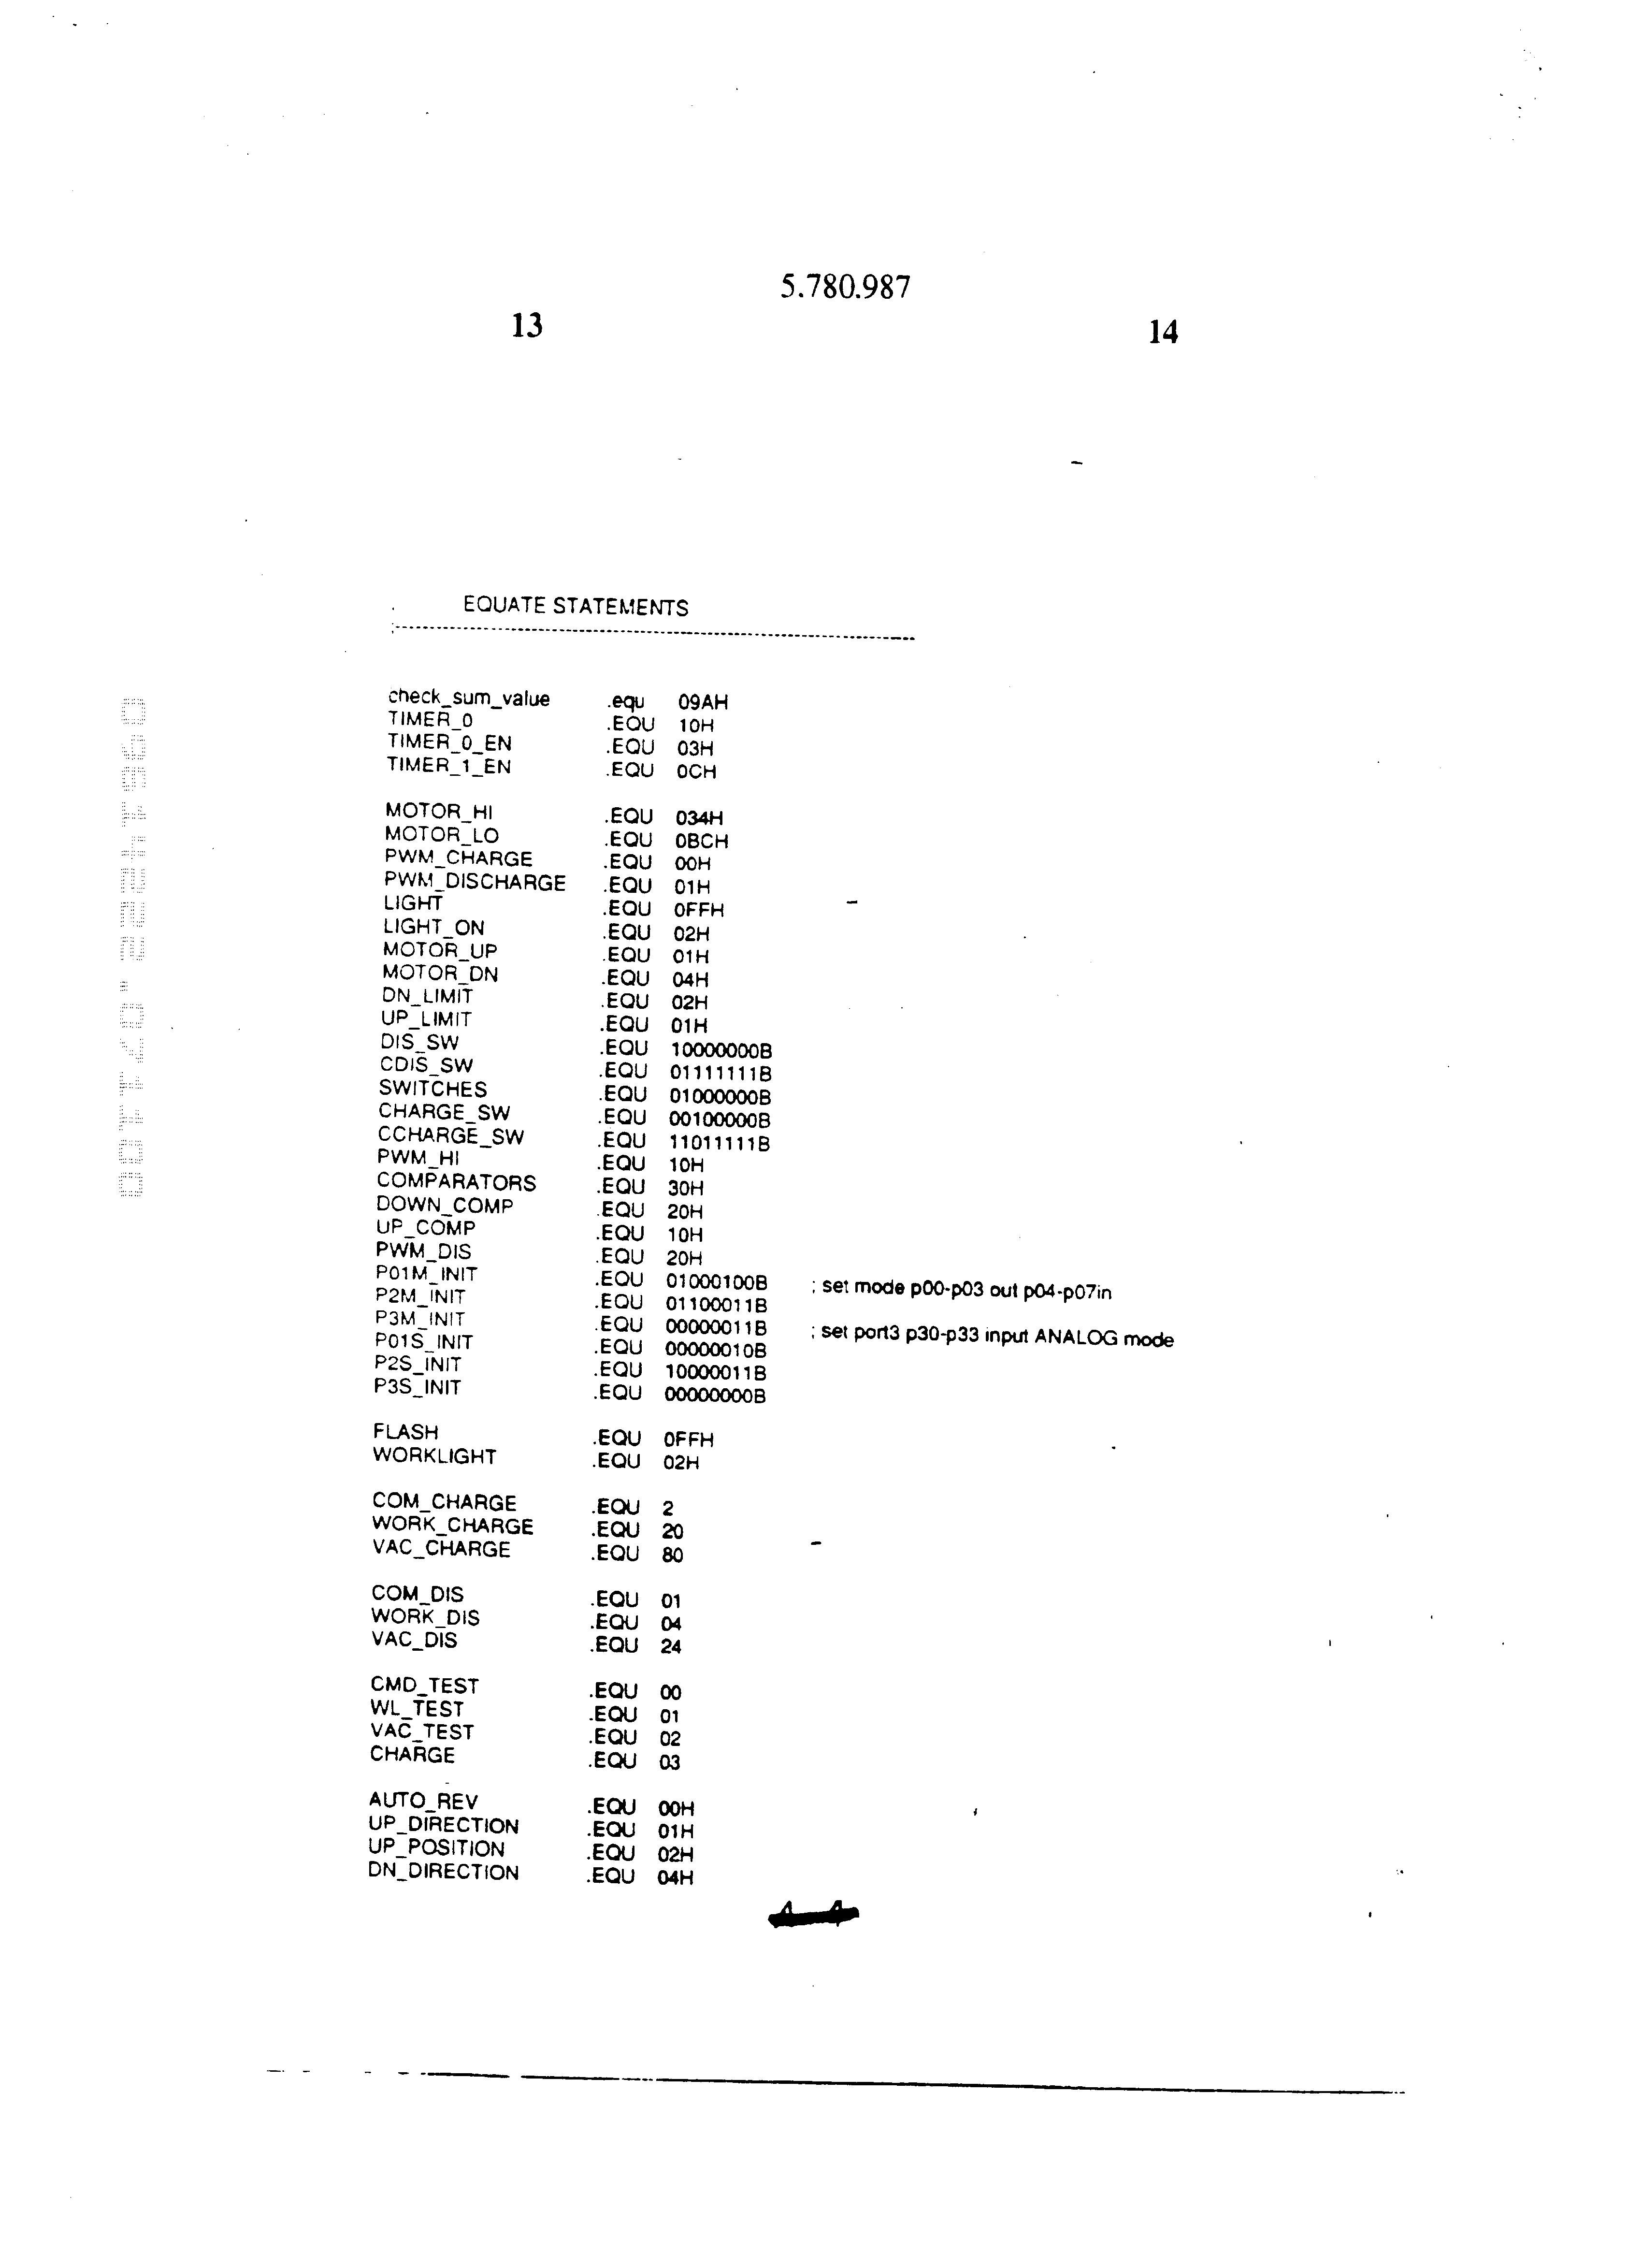 Figure USRE037784-20020709-P00004